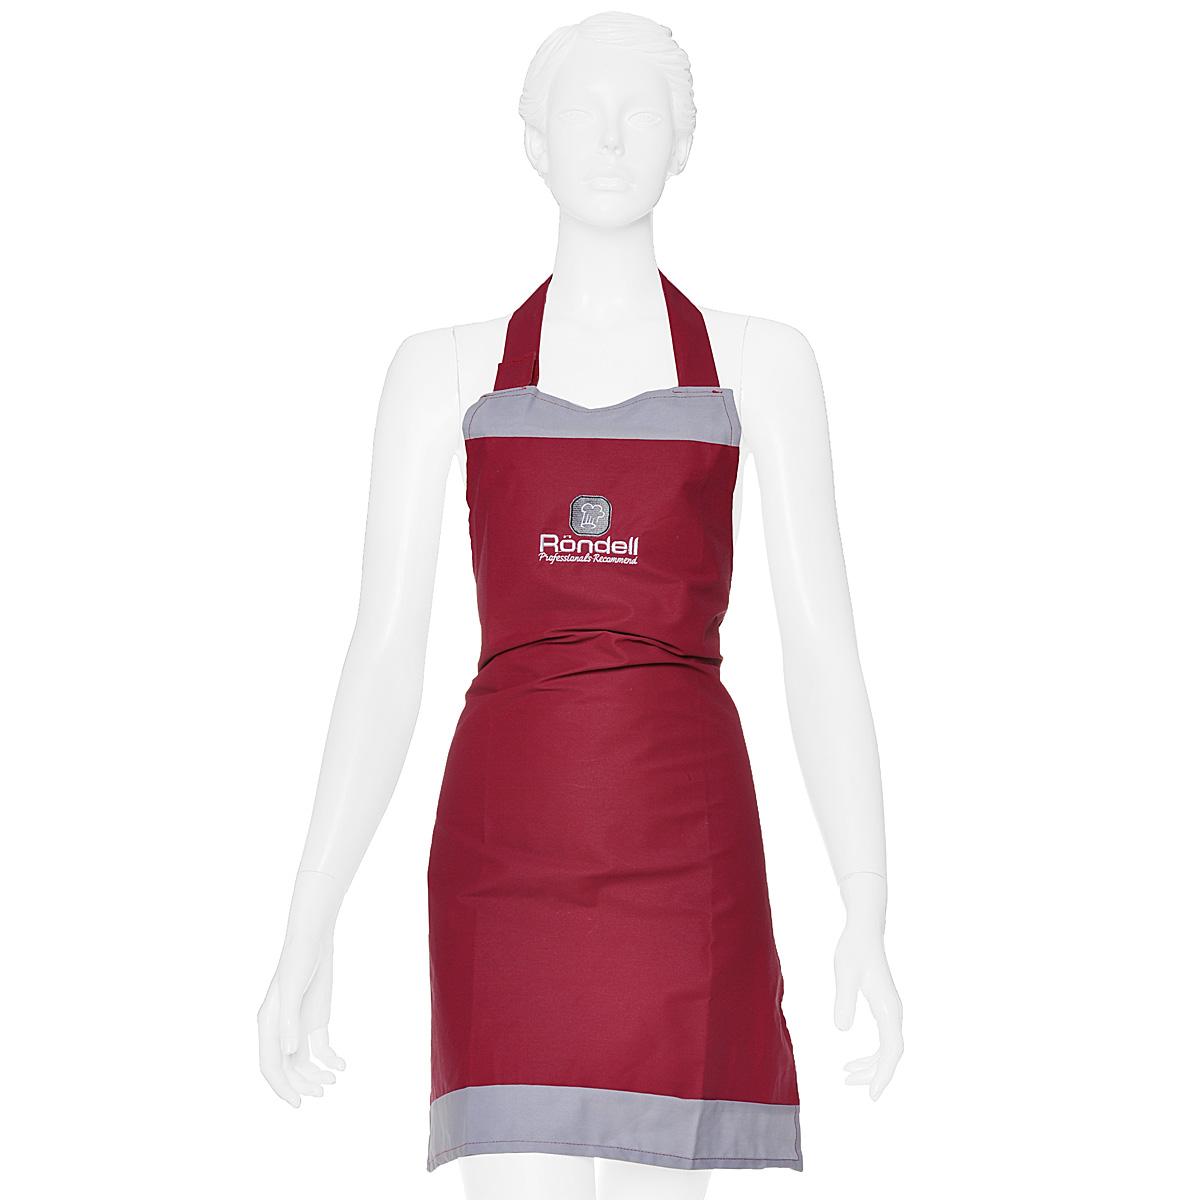 Фартук кухонный Rondell, цвет: бордовый, 56 х 76 смRDP-802Кухонный фартук Rondell выполнен из натурального хлопка бордового цвета. Ткань имеет защитное покрытие, обеспечивающее защиту от воды и жира. Фартук поможет вам избежать попадания еды на вашу одежду во время приготовления какого-либо блюда. На нем имеются удобная лямка-хомут и завязки. Длина хомута регулируется при помощи липучек. Характеристики: Материал: 100% хлопок. Размер фартука: 56 см х 76 см. Цвет: бордовый.